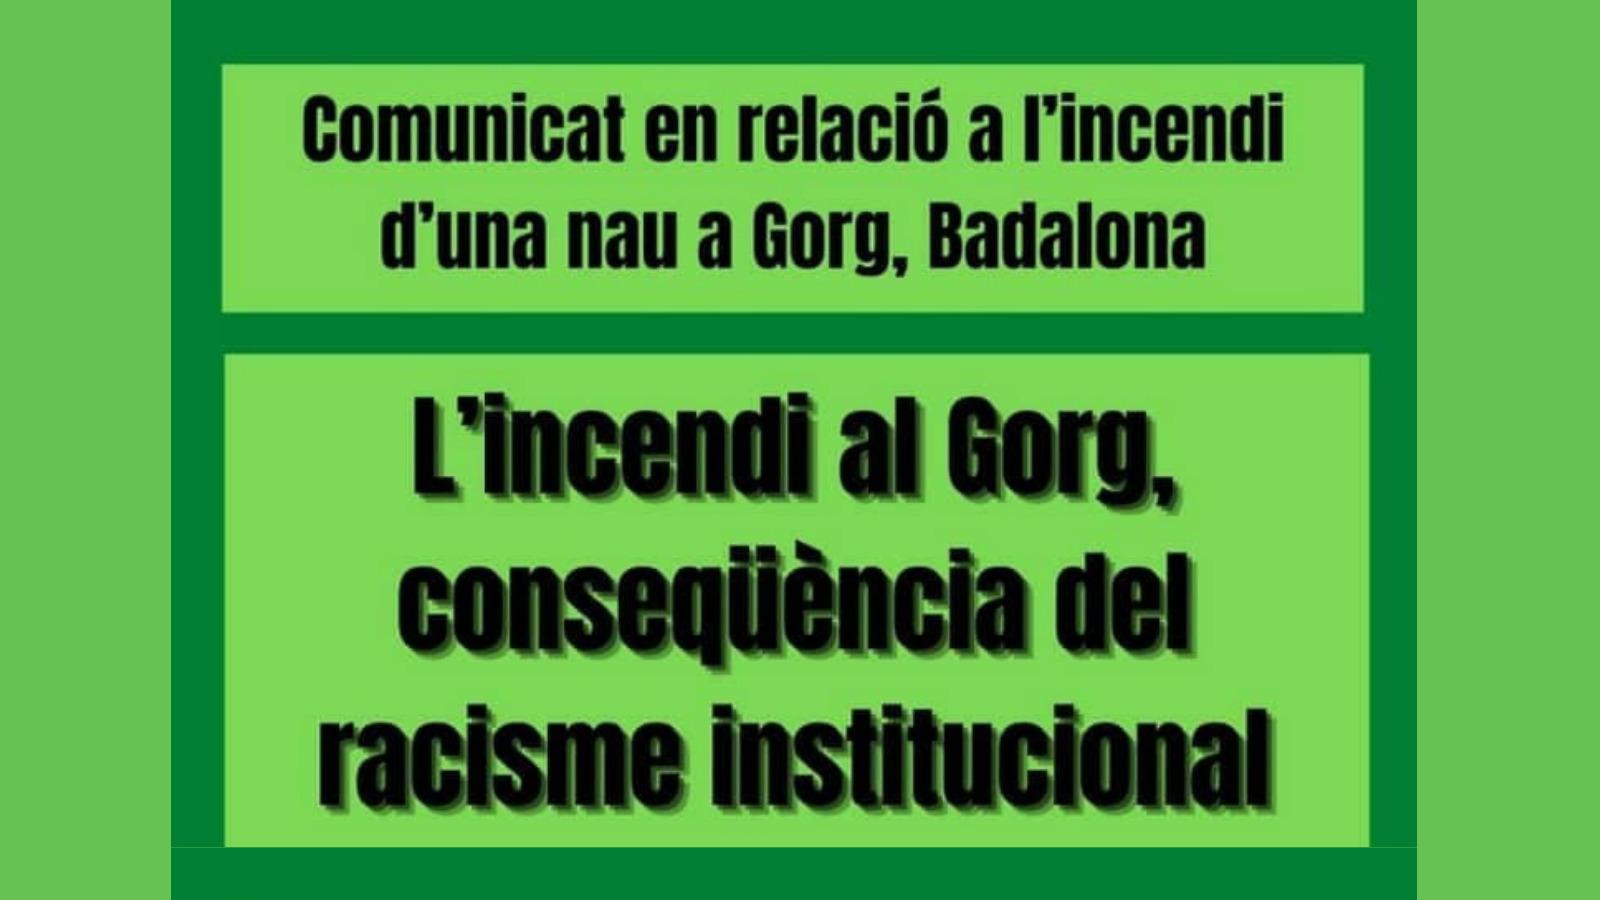 L'incendi al Gorg, conseqüència del racisme institucional